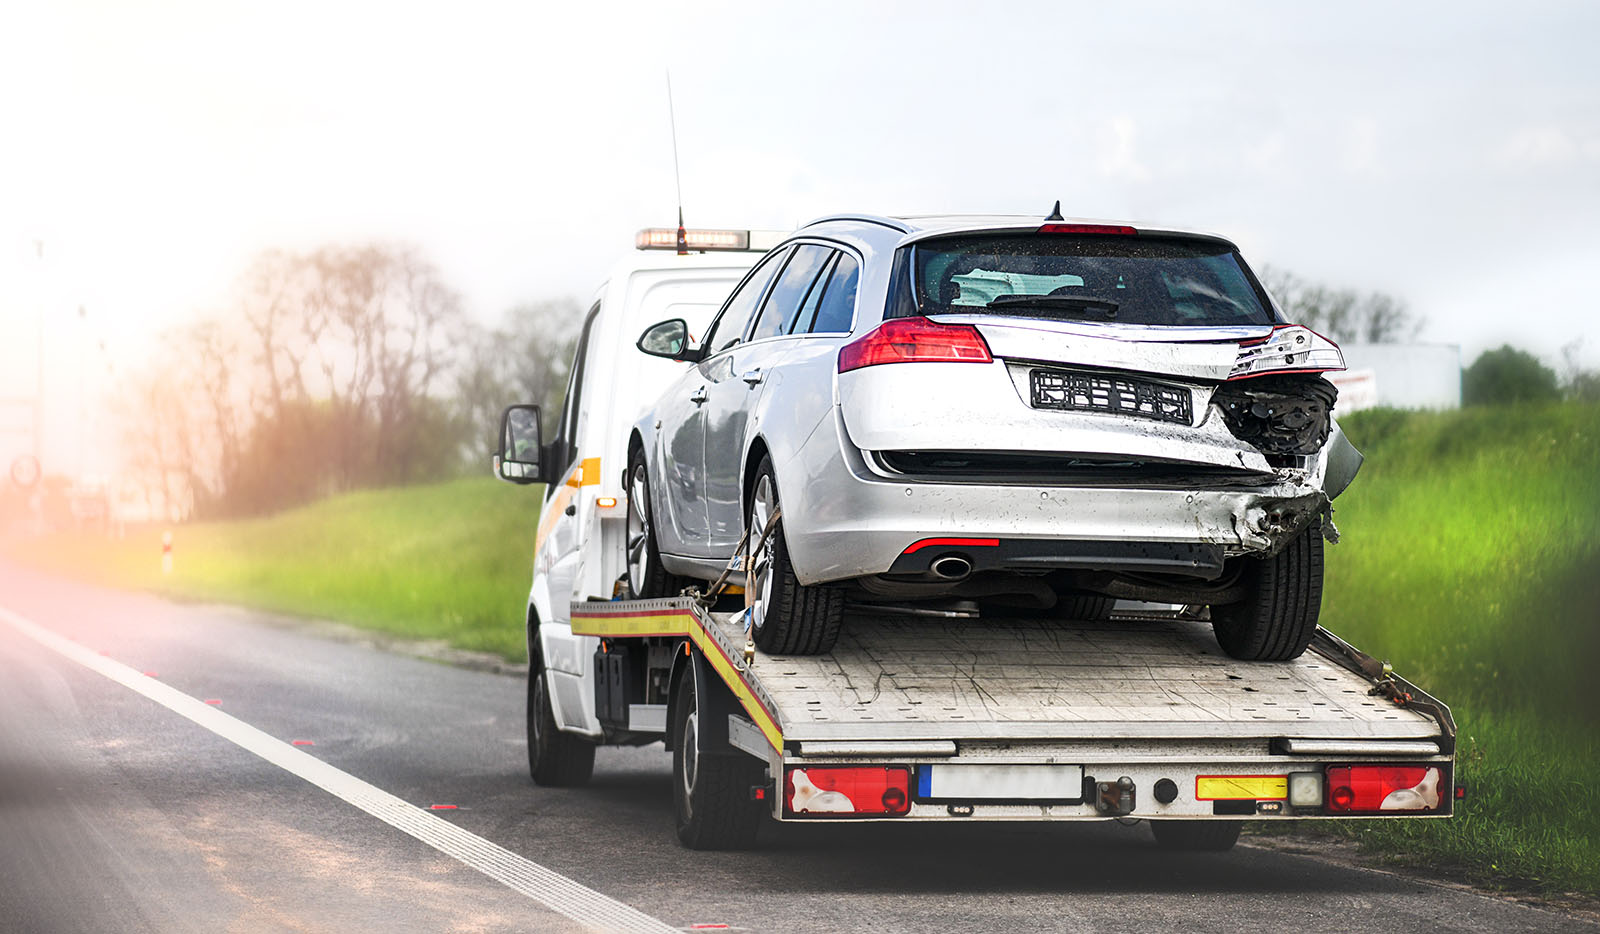 Hos oss vänder ni er för att skrota er bil på vår bilskrot i Östergötland. Vi är er bilskrot i Östergötland.